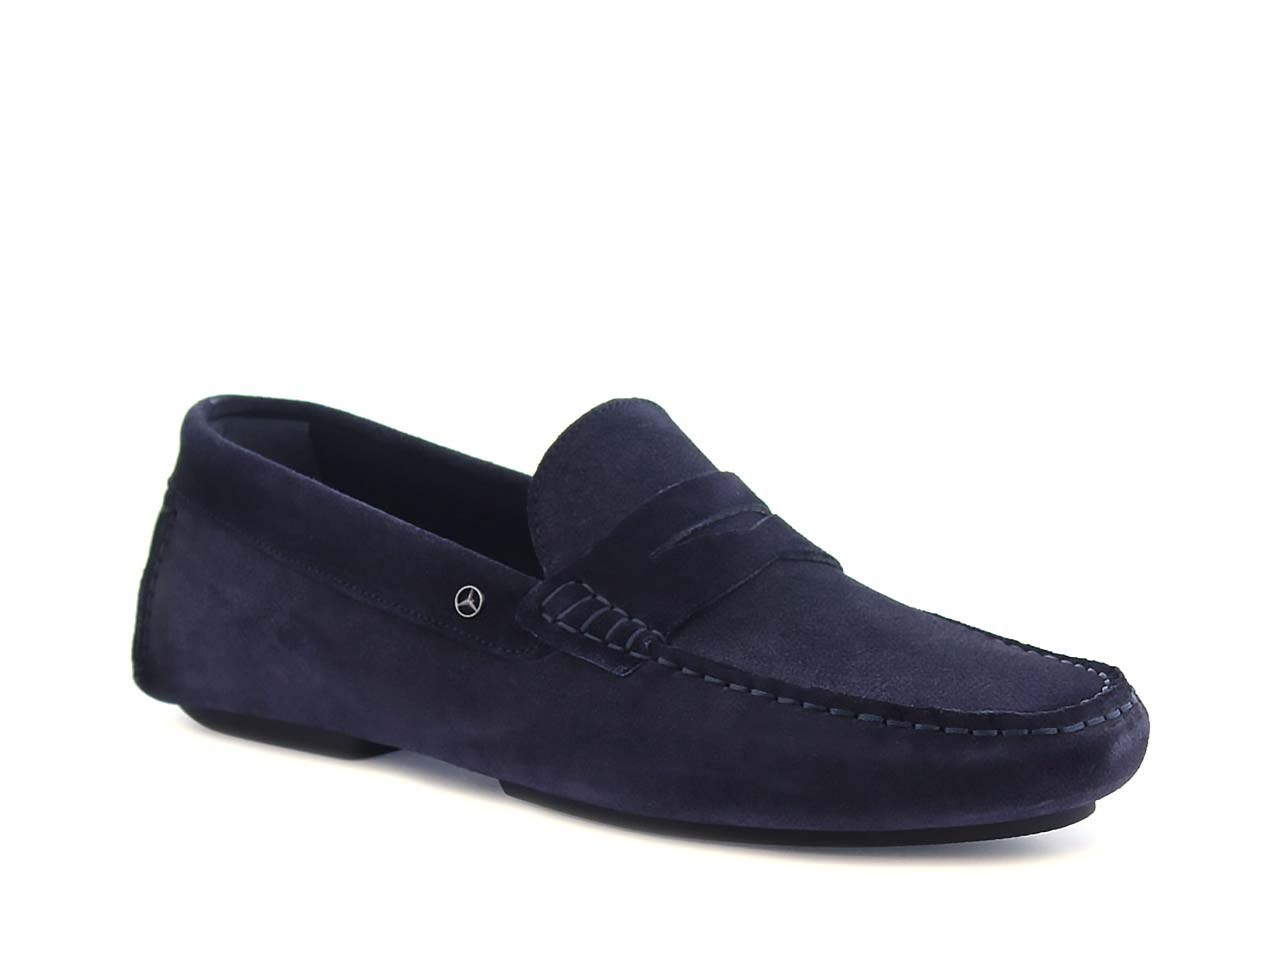 skor från tommy hilfiger